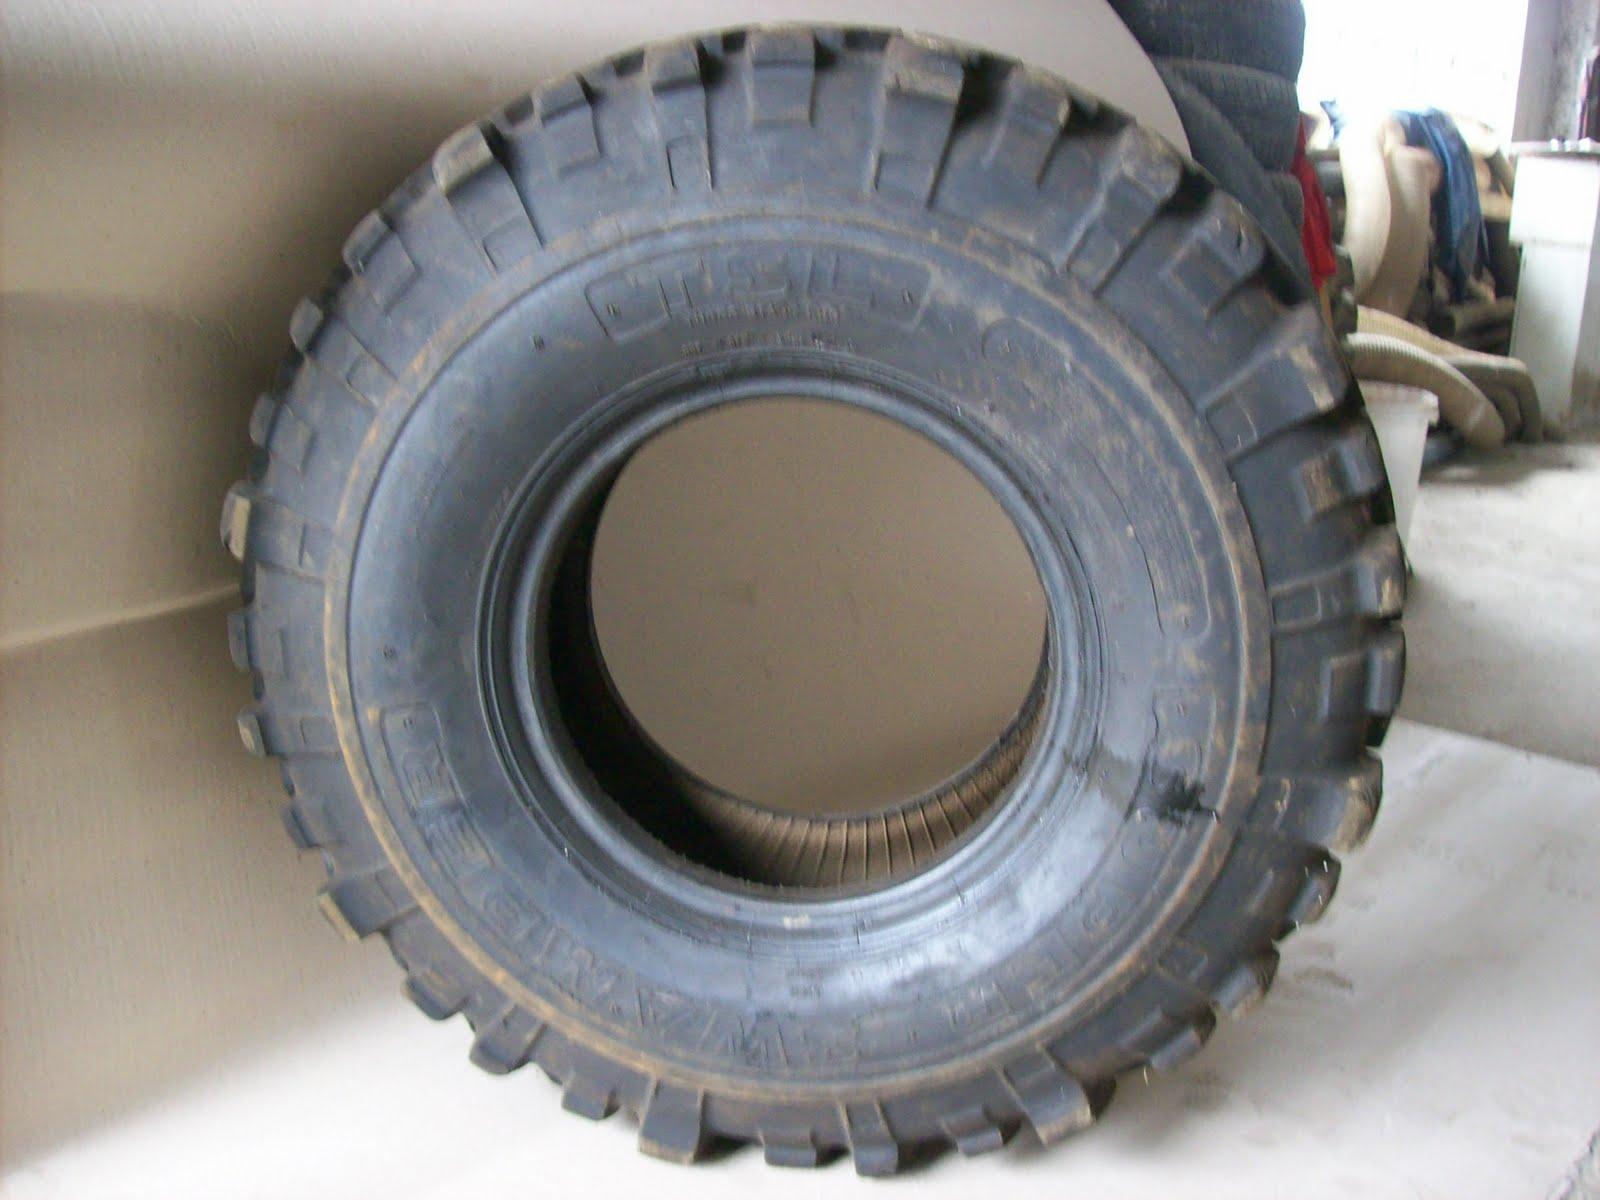 Buckshot tires - TheFind